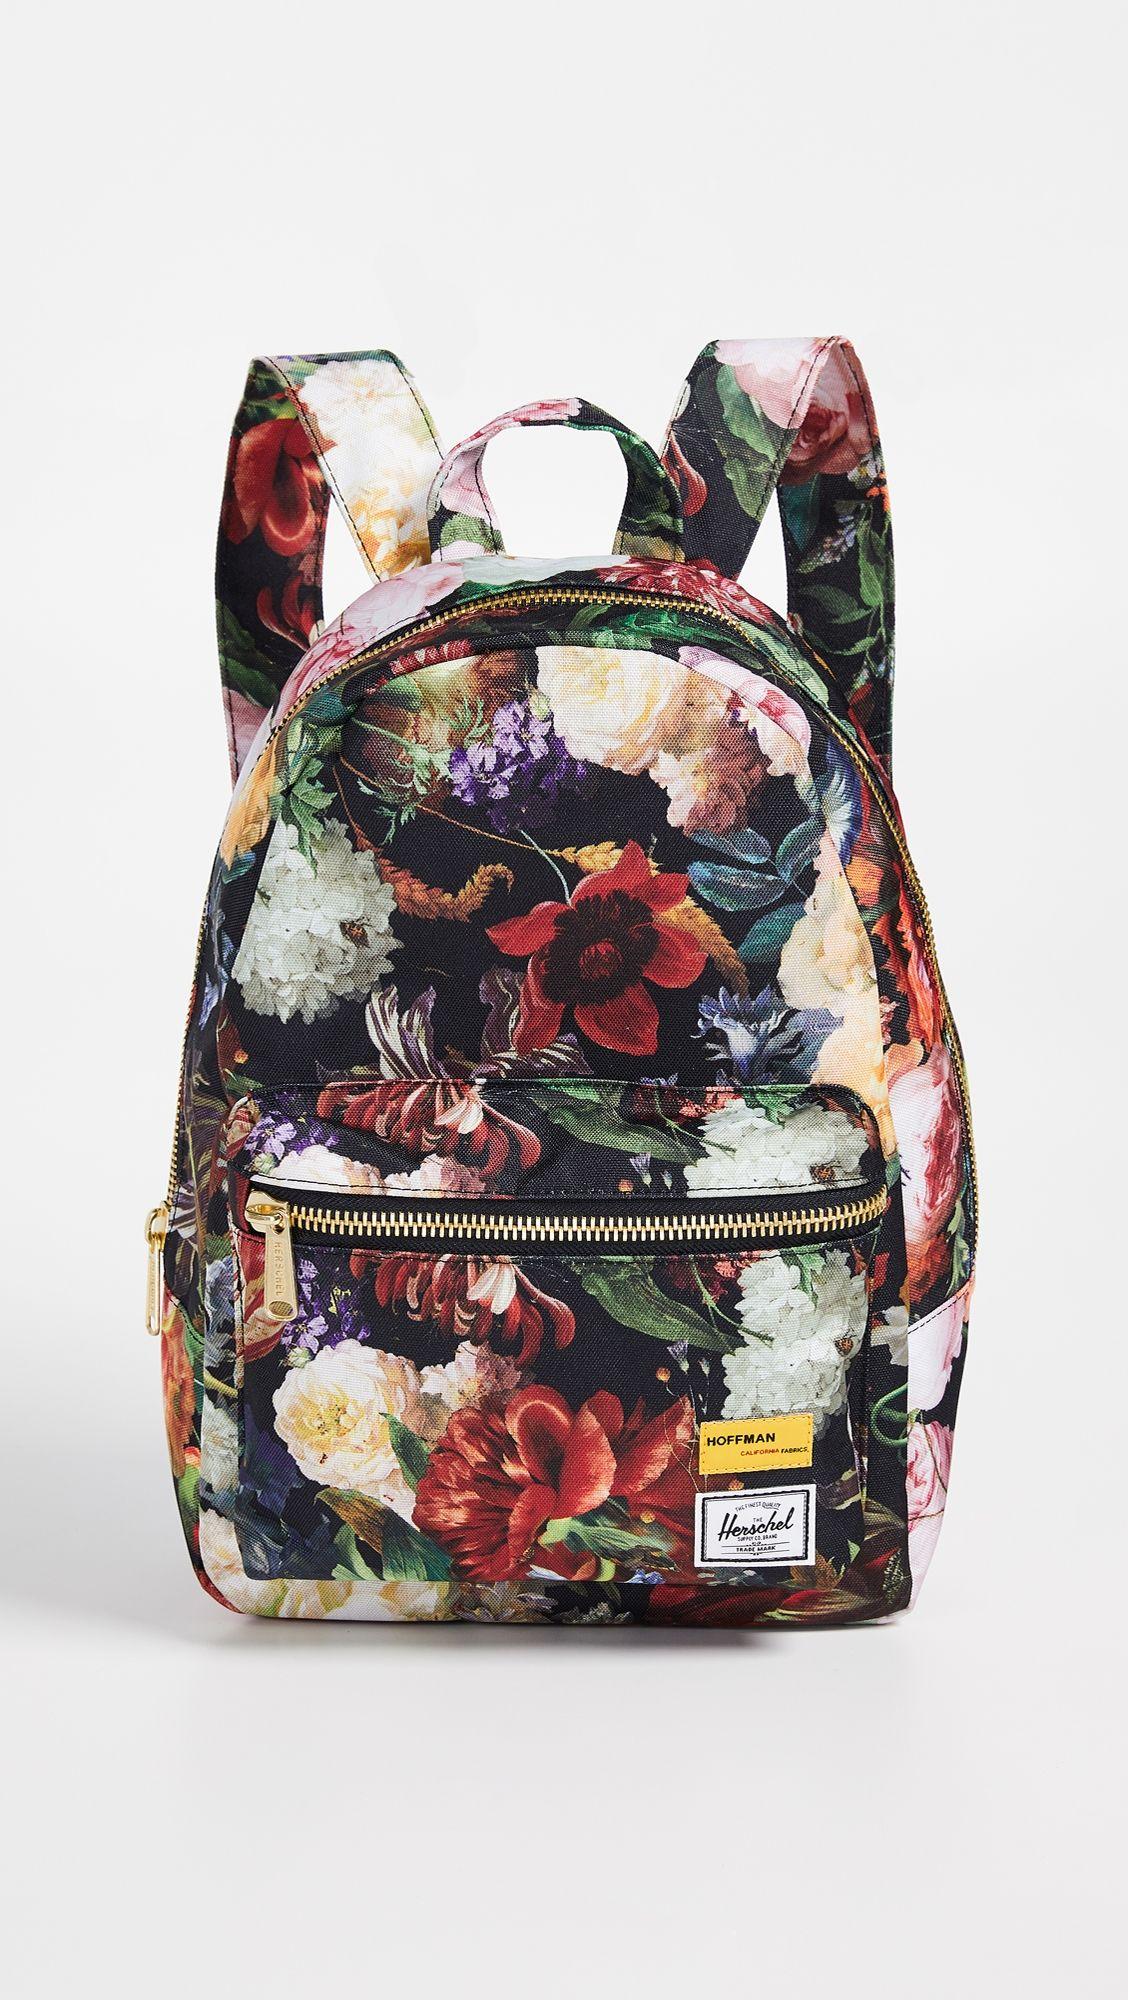 5e5fde768d7 Herschel Supply Co. Hoffman Grove X-Small Backpack